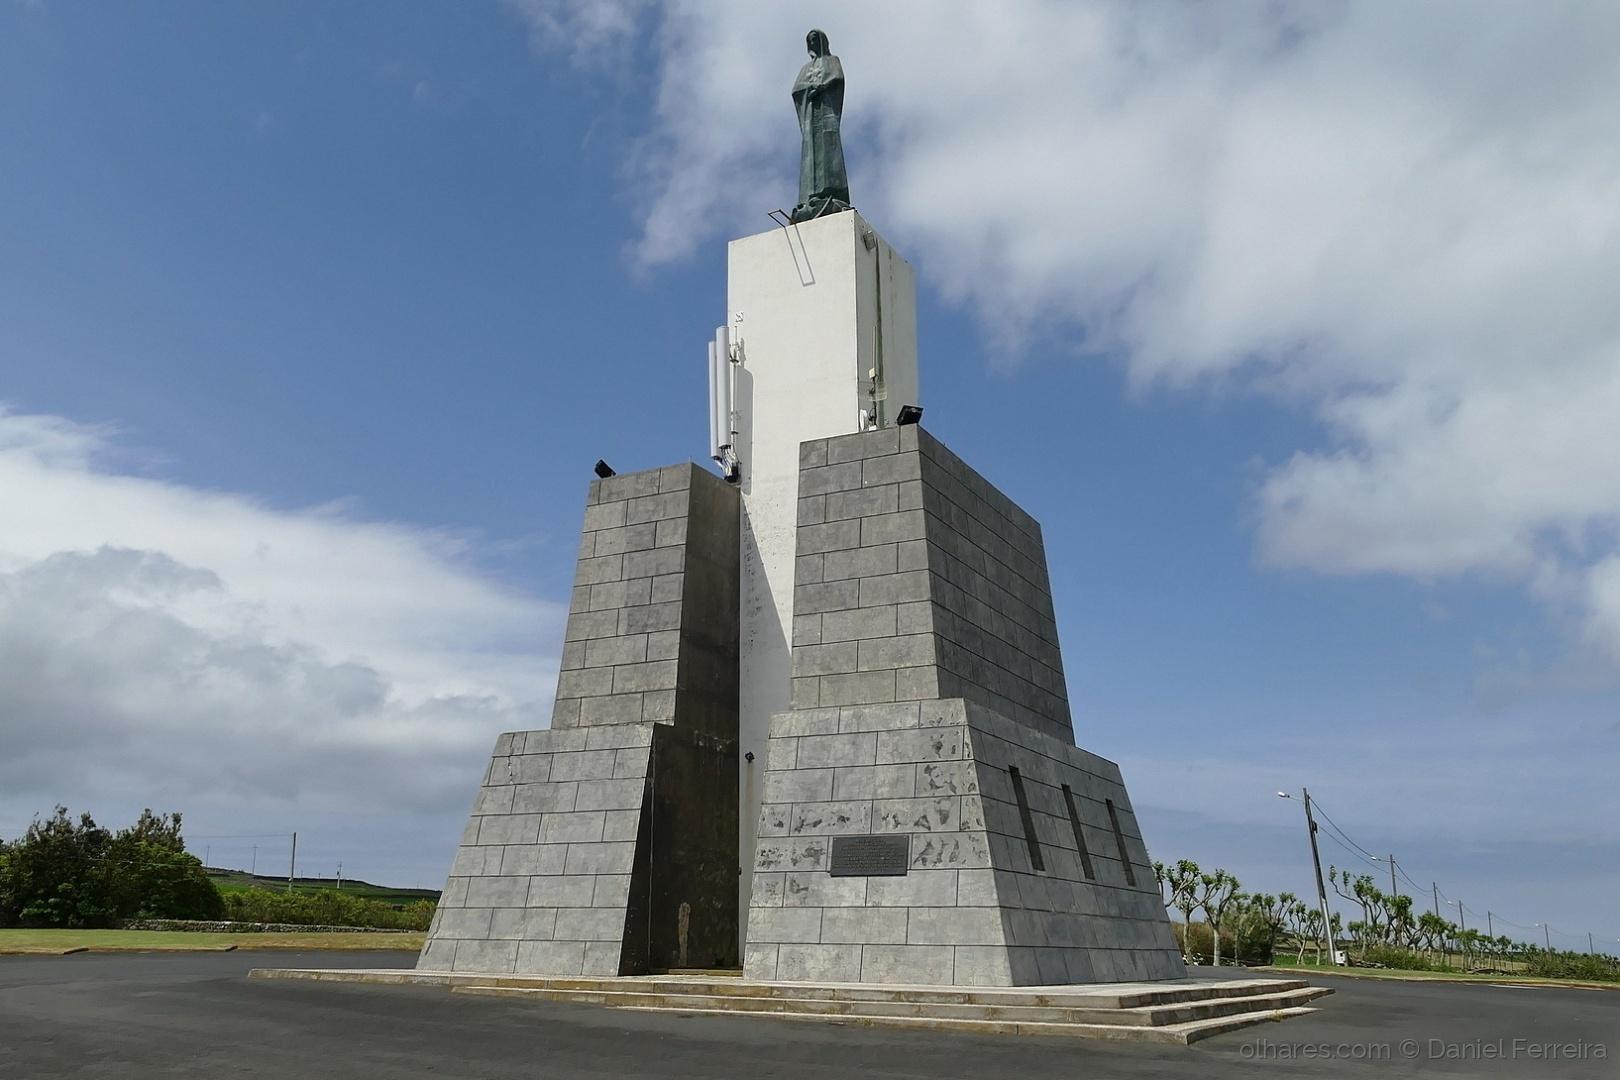 Arquitetura/Monumento à Padroeira da Praia da Vitória